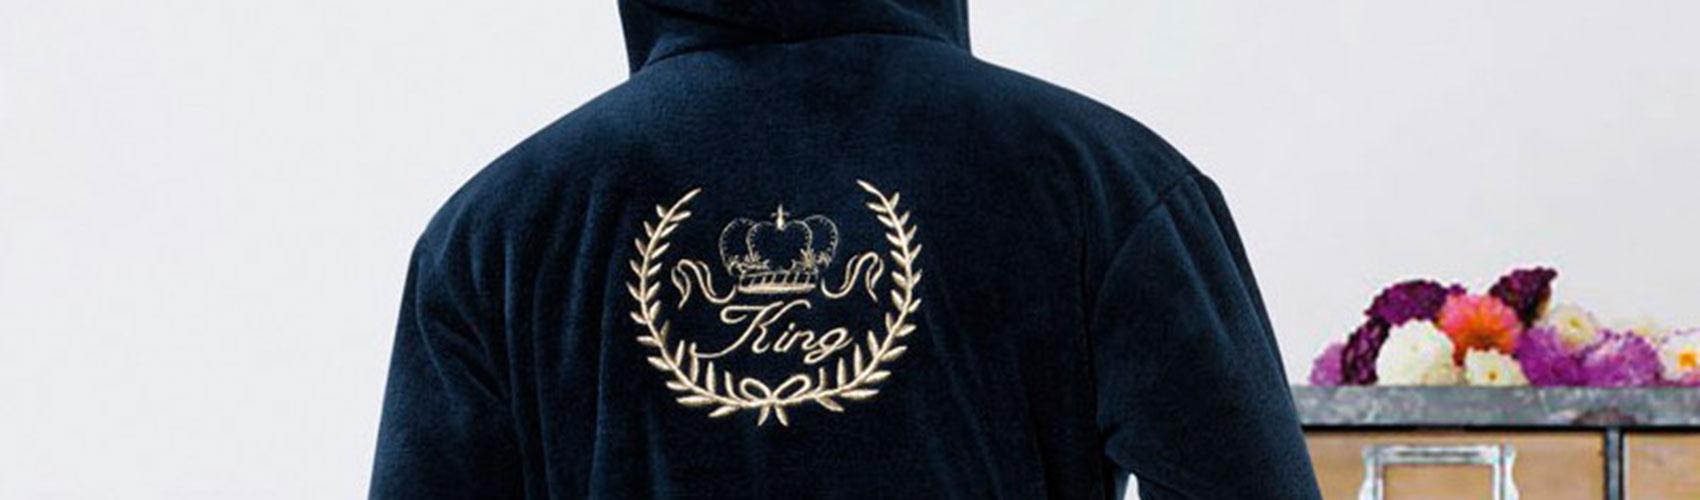 Badjas geborduurd met logo